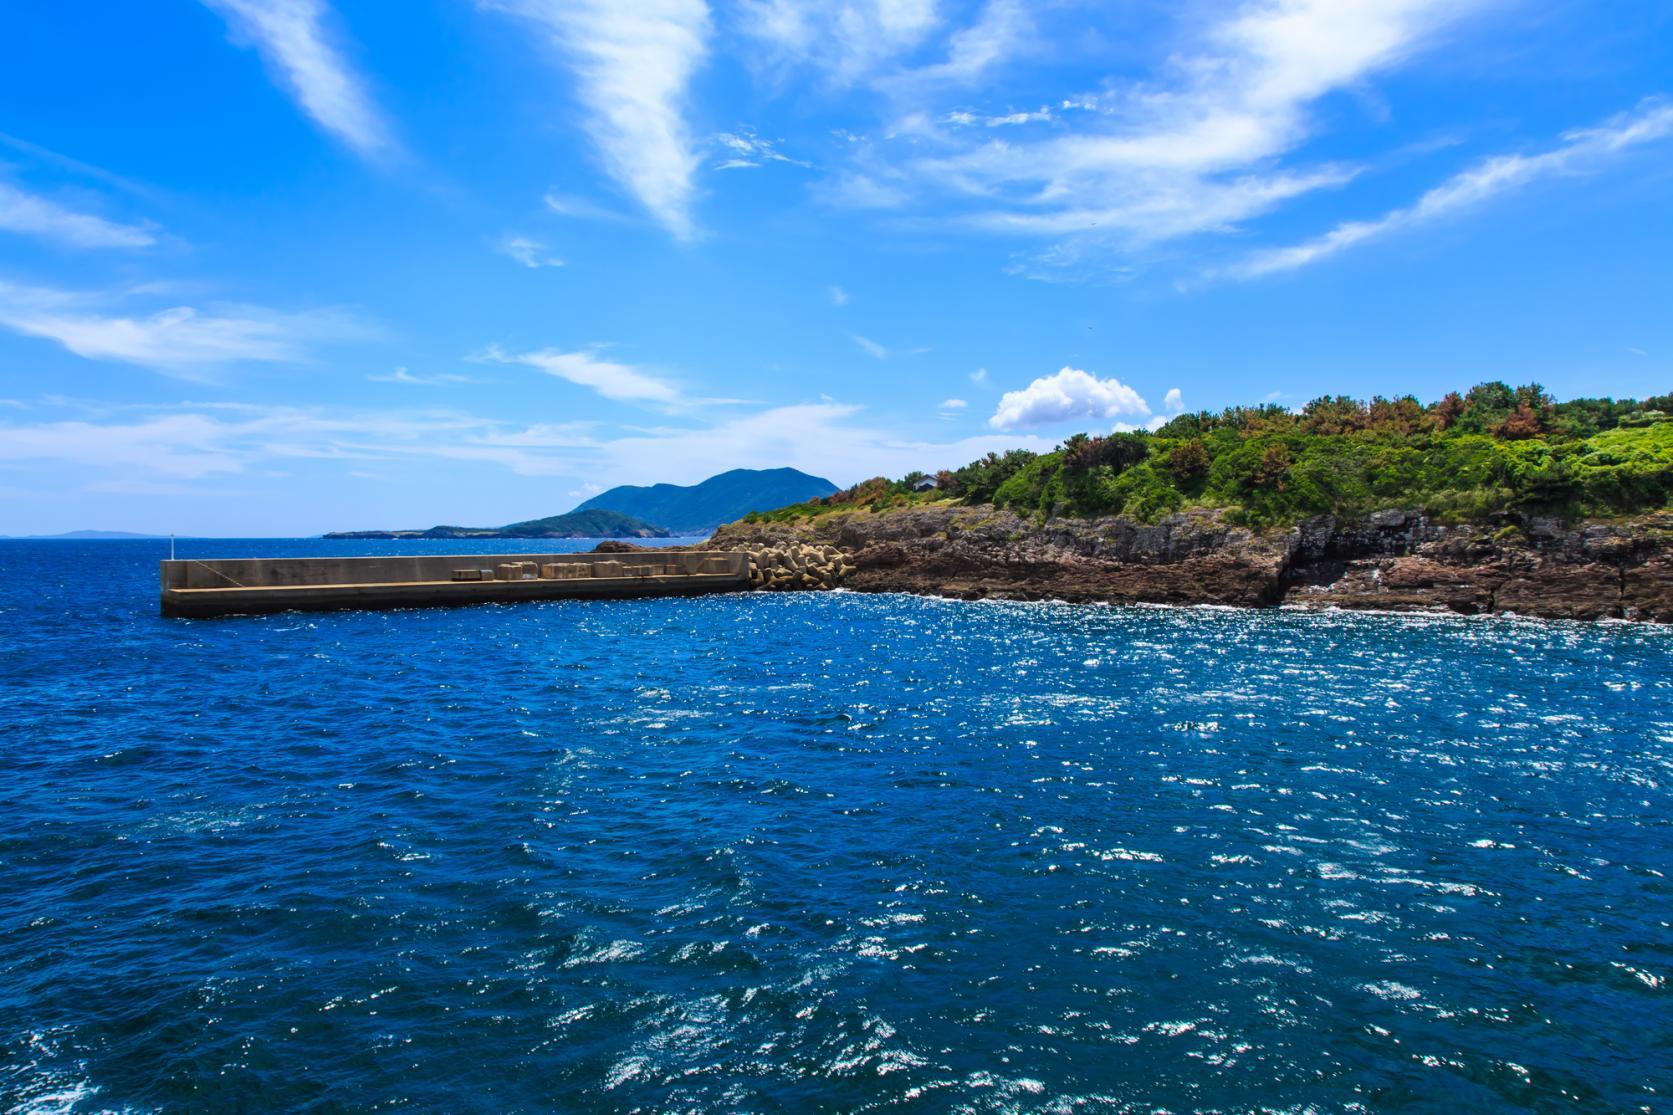 宇久島へのアクセスは佐世保港出発が一番早い!-0